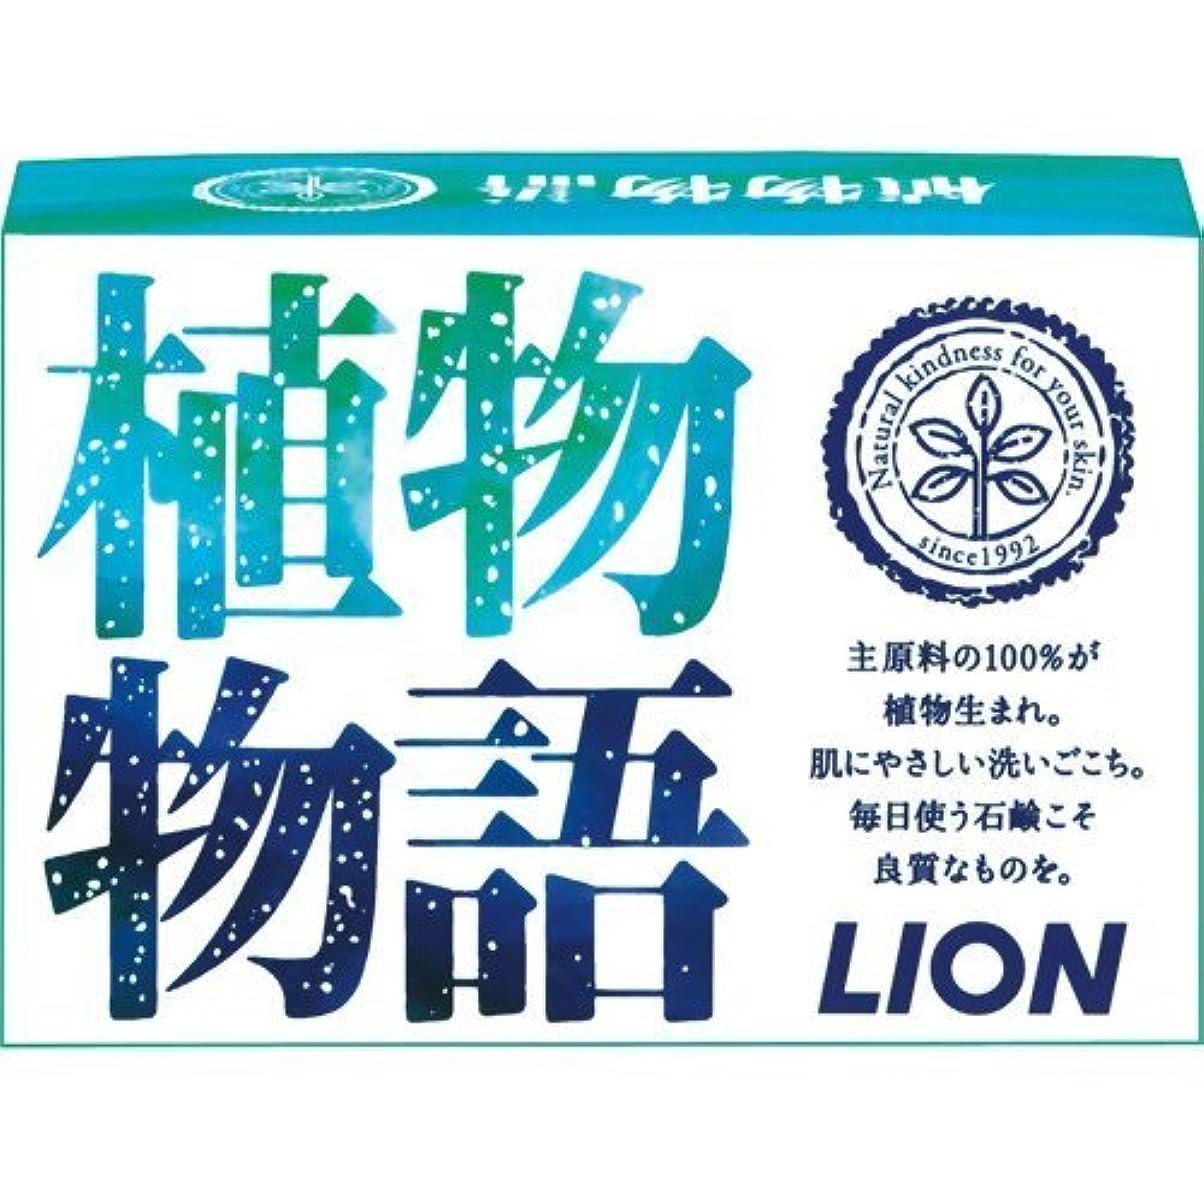 最後に静かな海ライオン 植物物語 化粧石鹸  1個